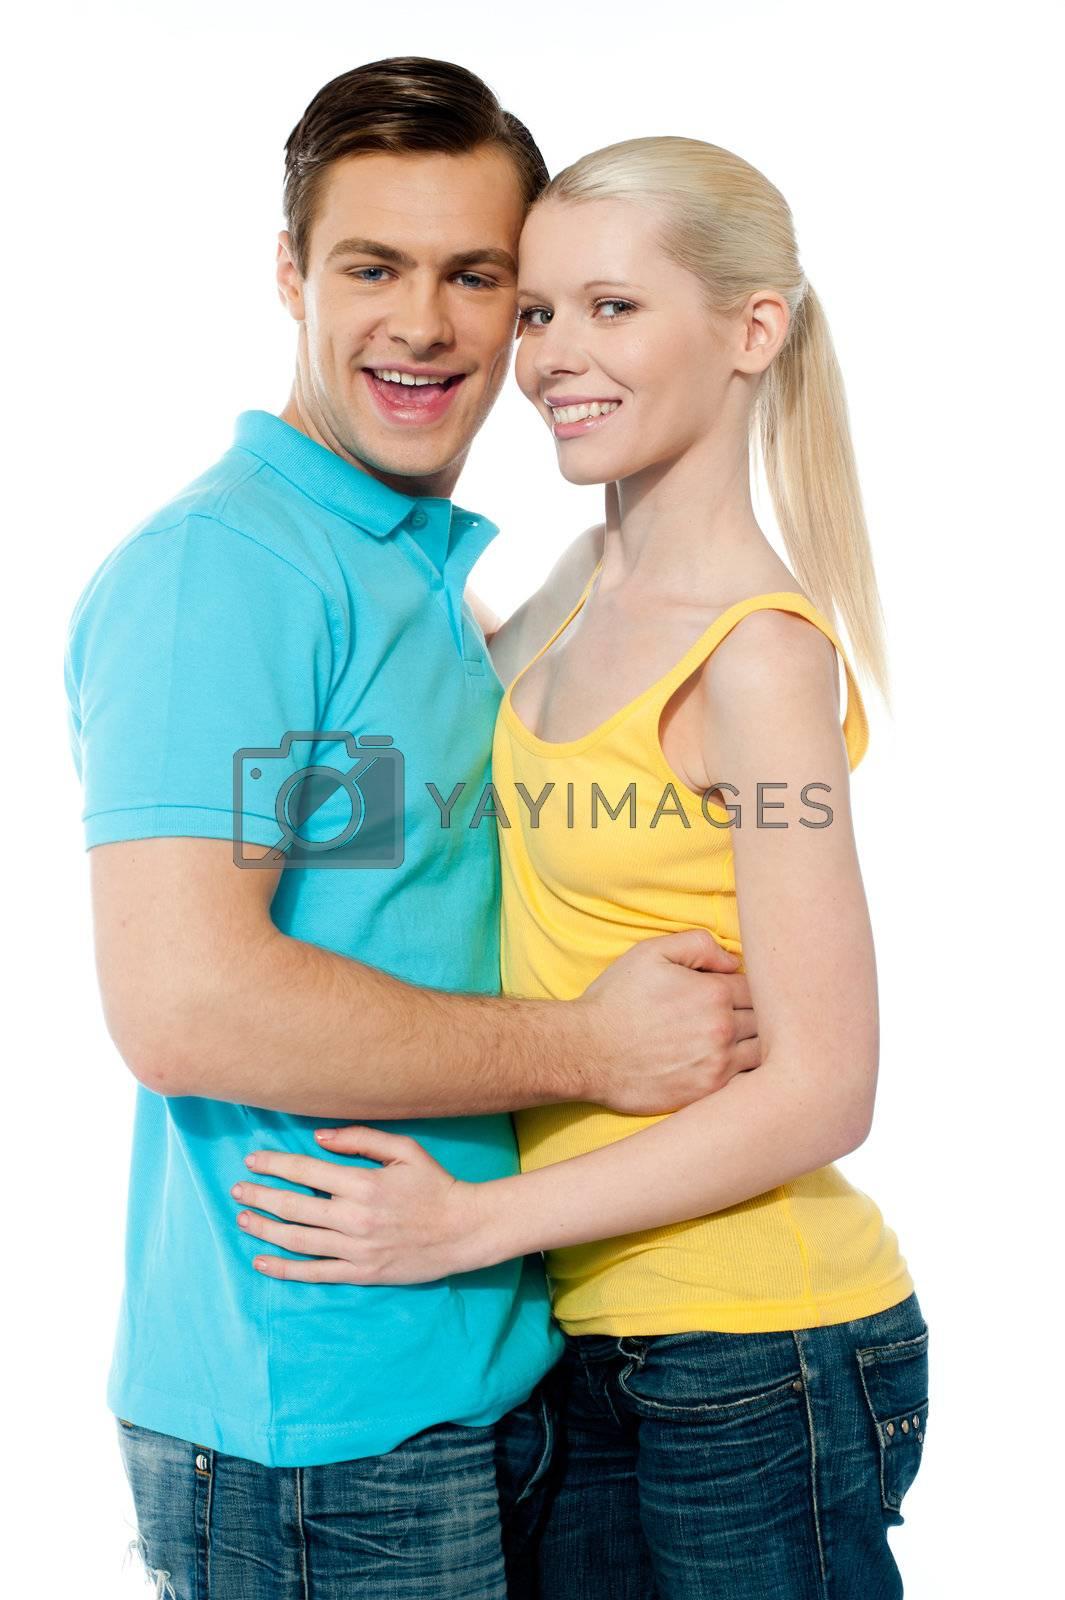 Girlfriend boyfriend hugging each other on white background